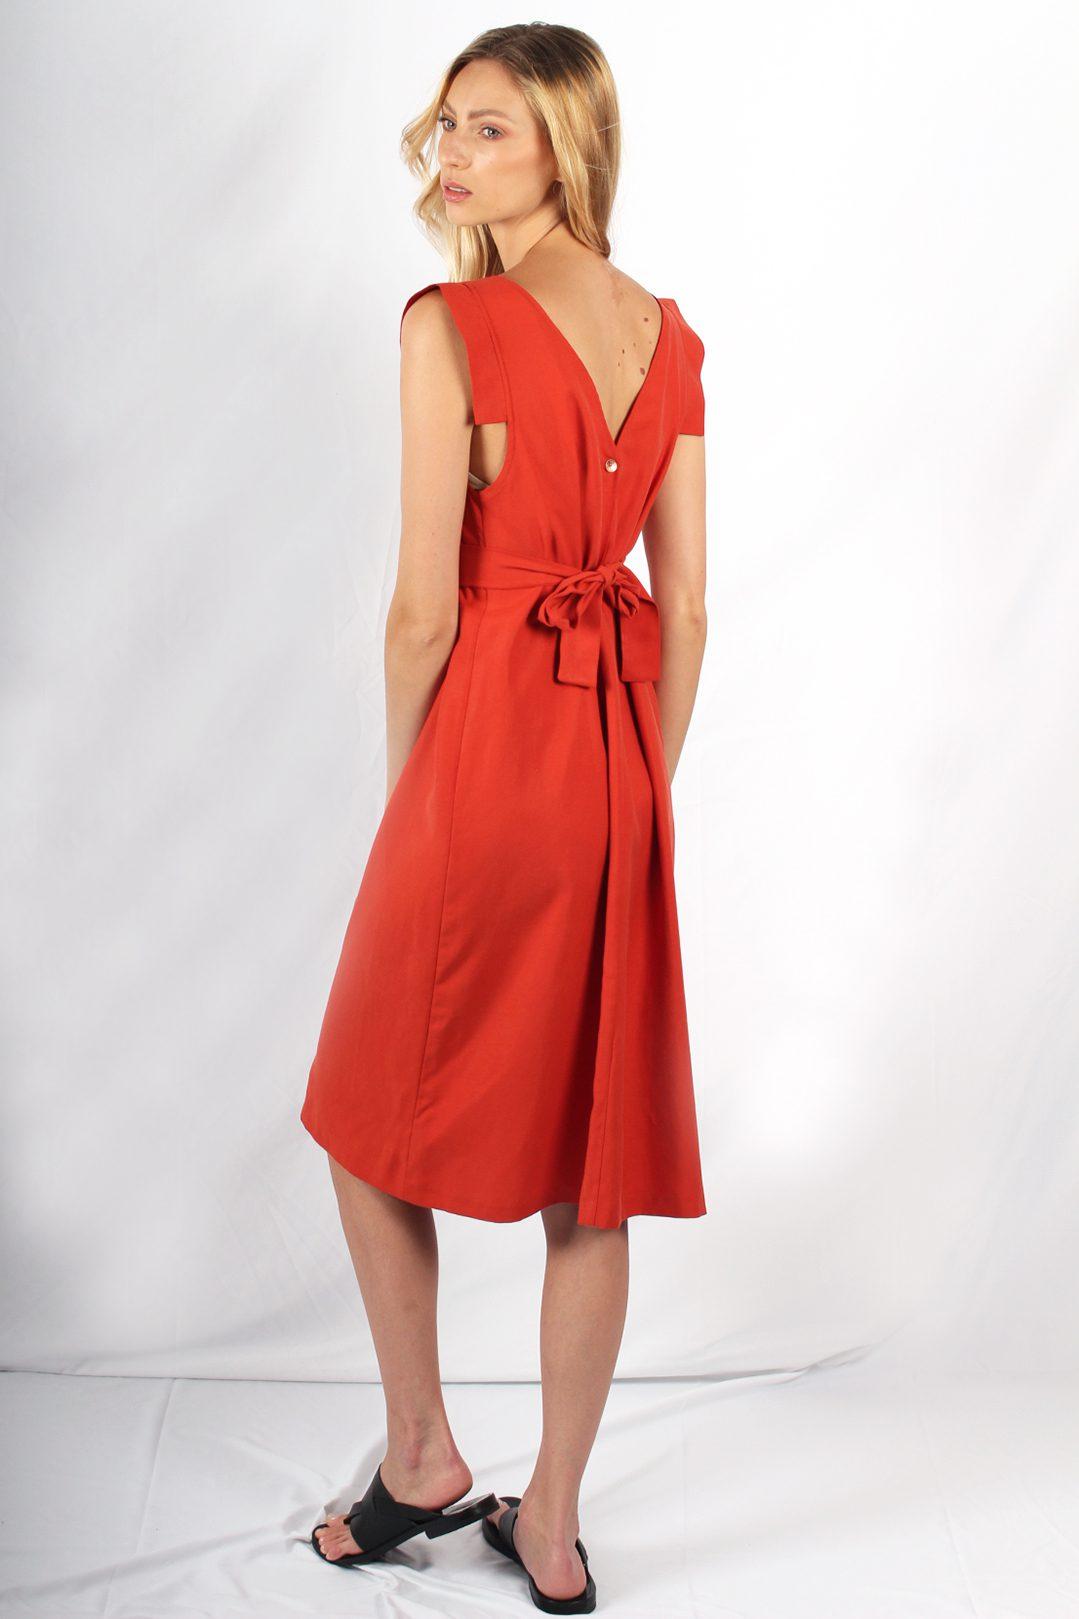 robe rouille